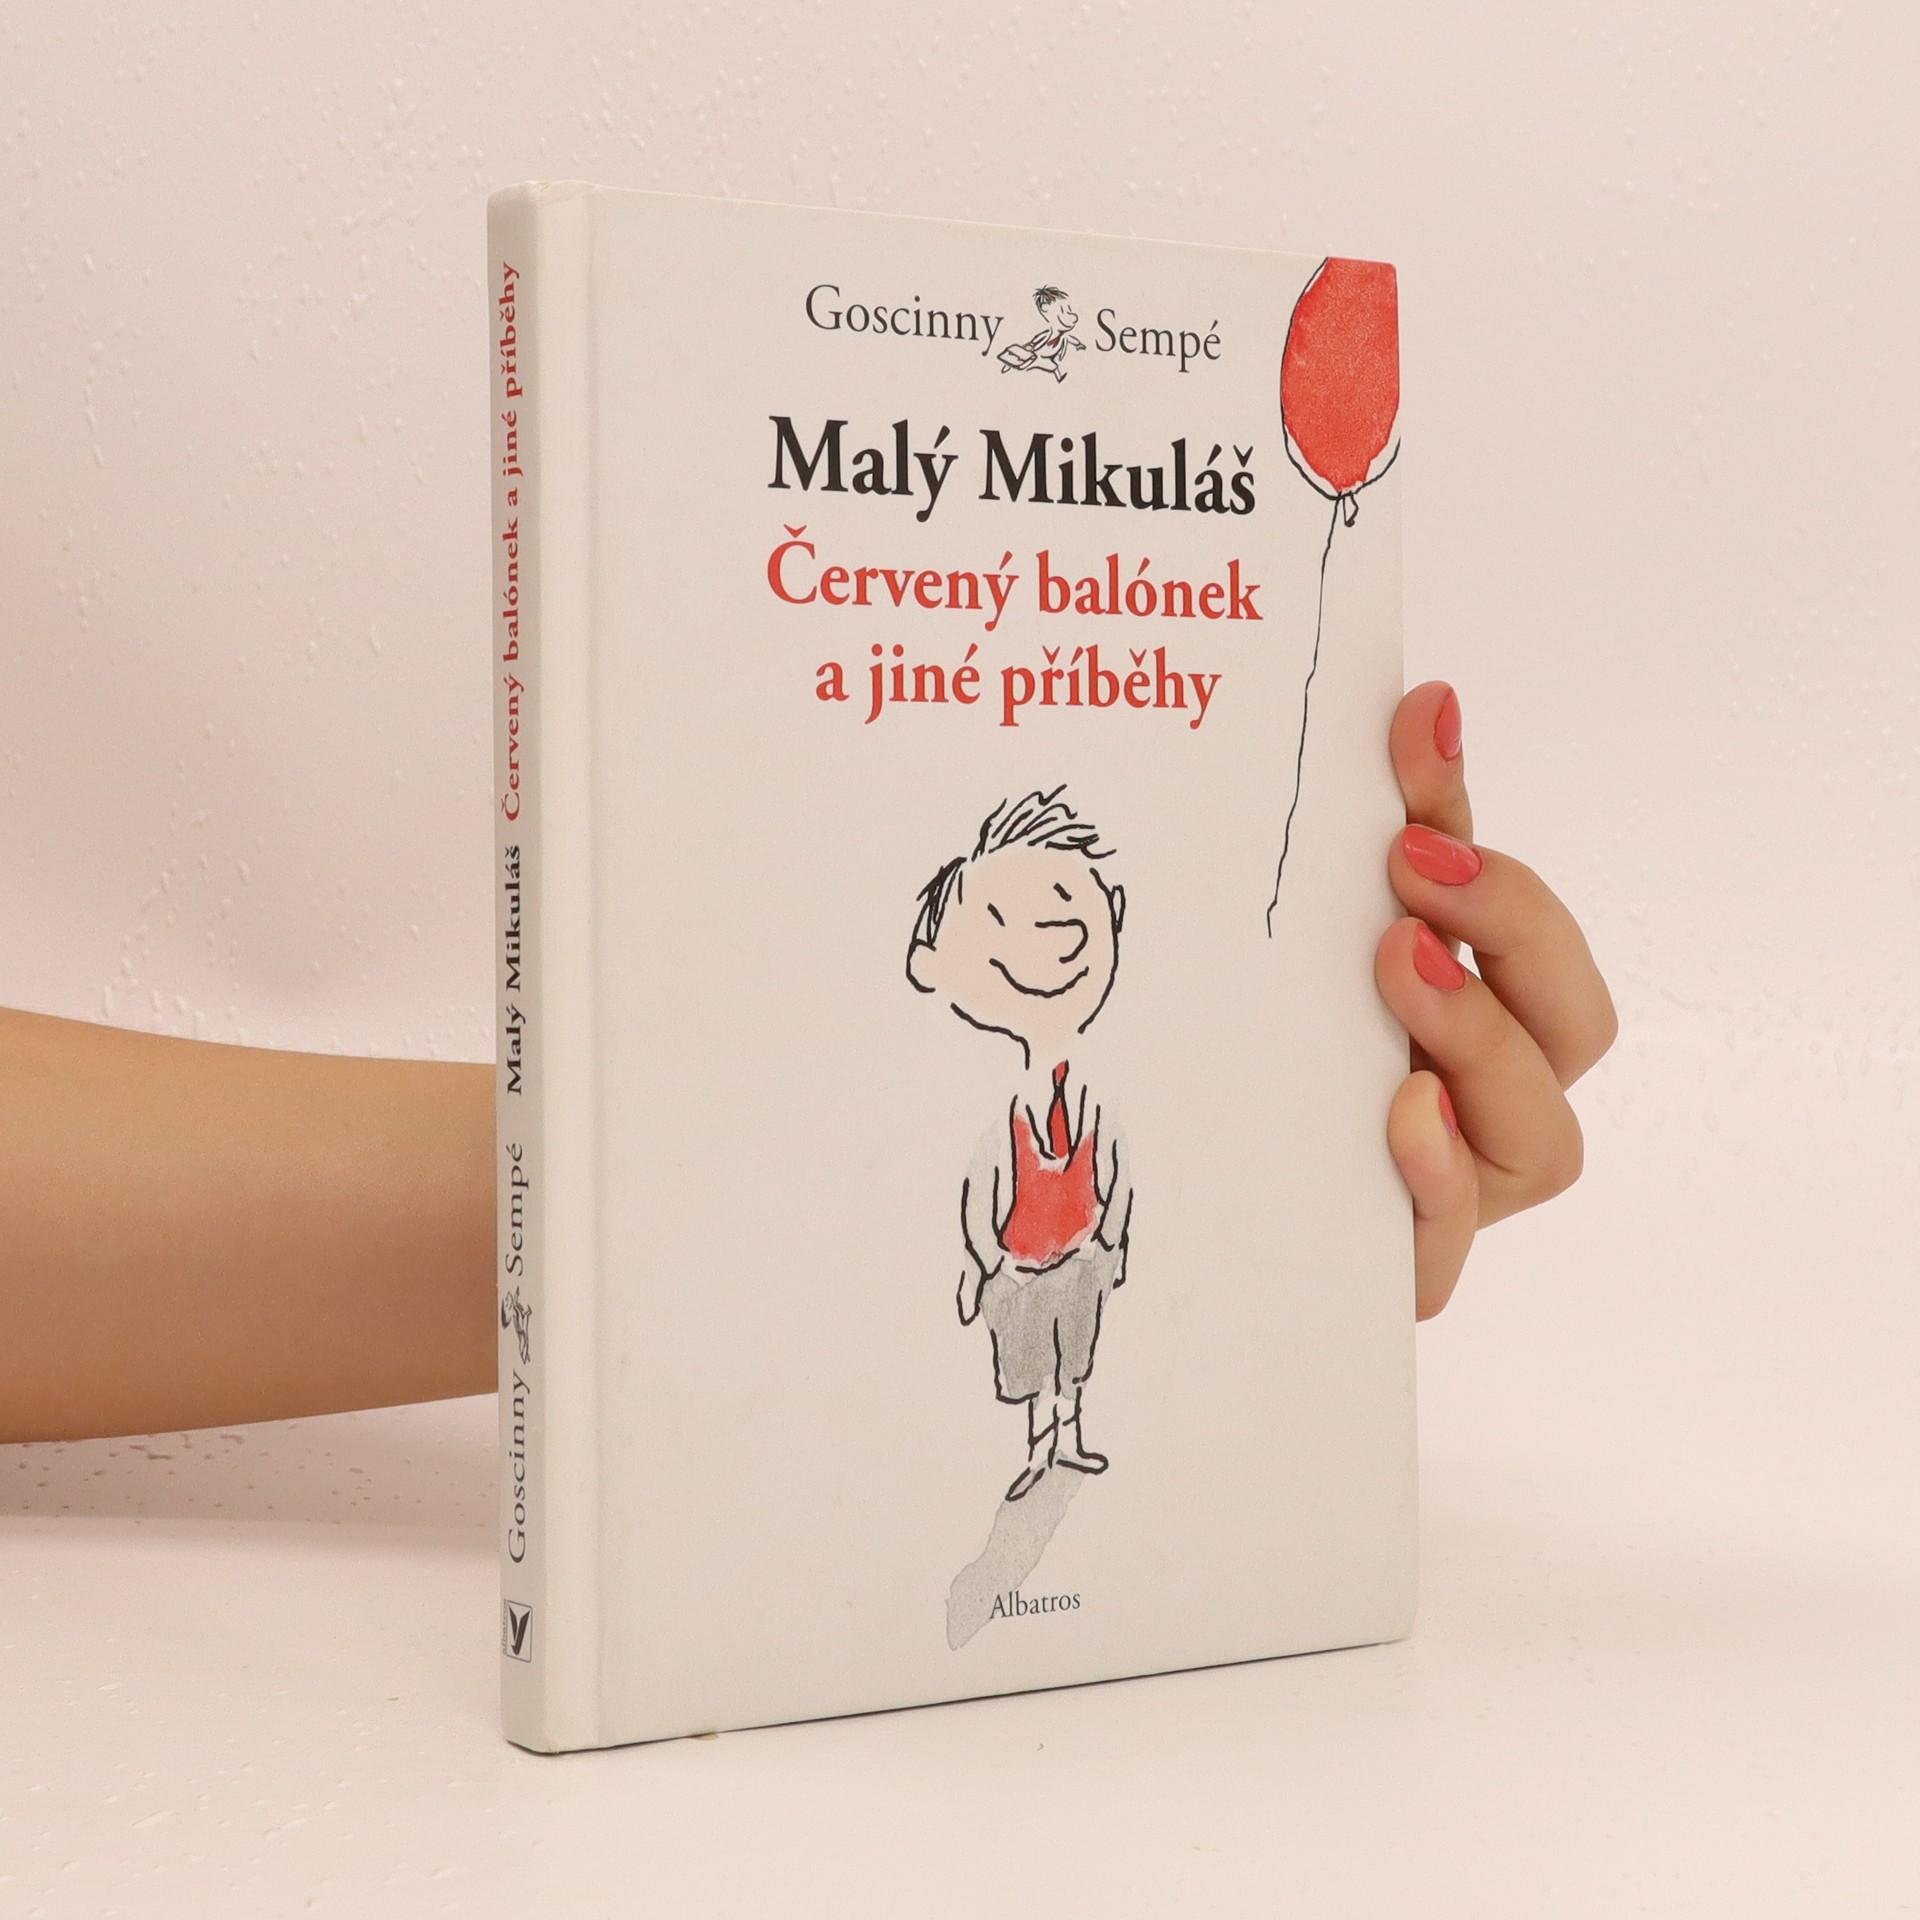 antikvární kniha Malý Mikuláš. Červený balónek a jiné příběhy, 2011